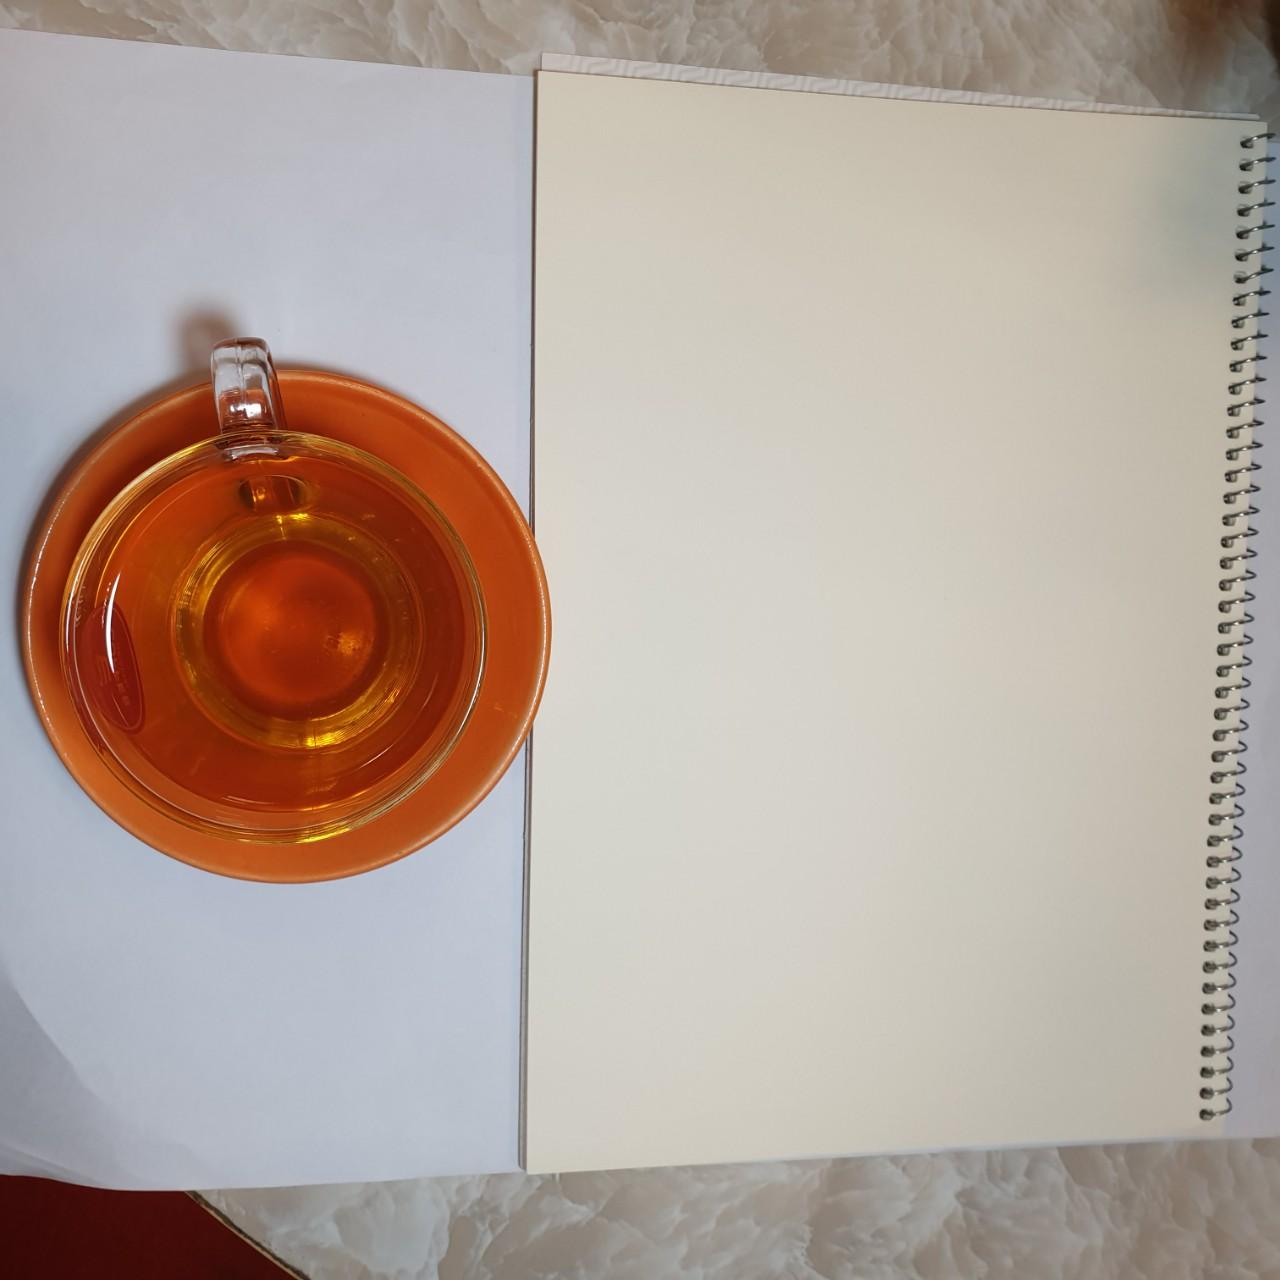 Bộ 2 quyển Vở vẽ lò xo A4 Stetch Book 4927 Hồng Hà